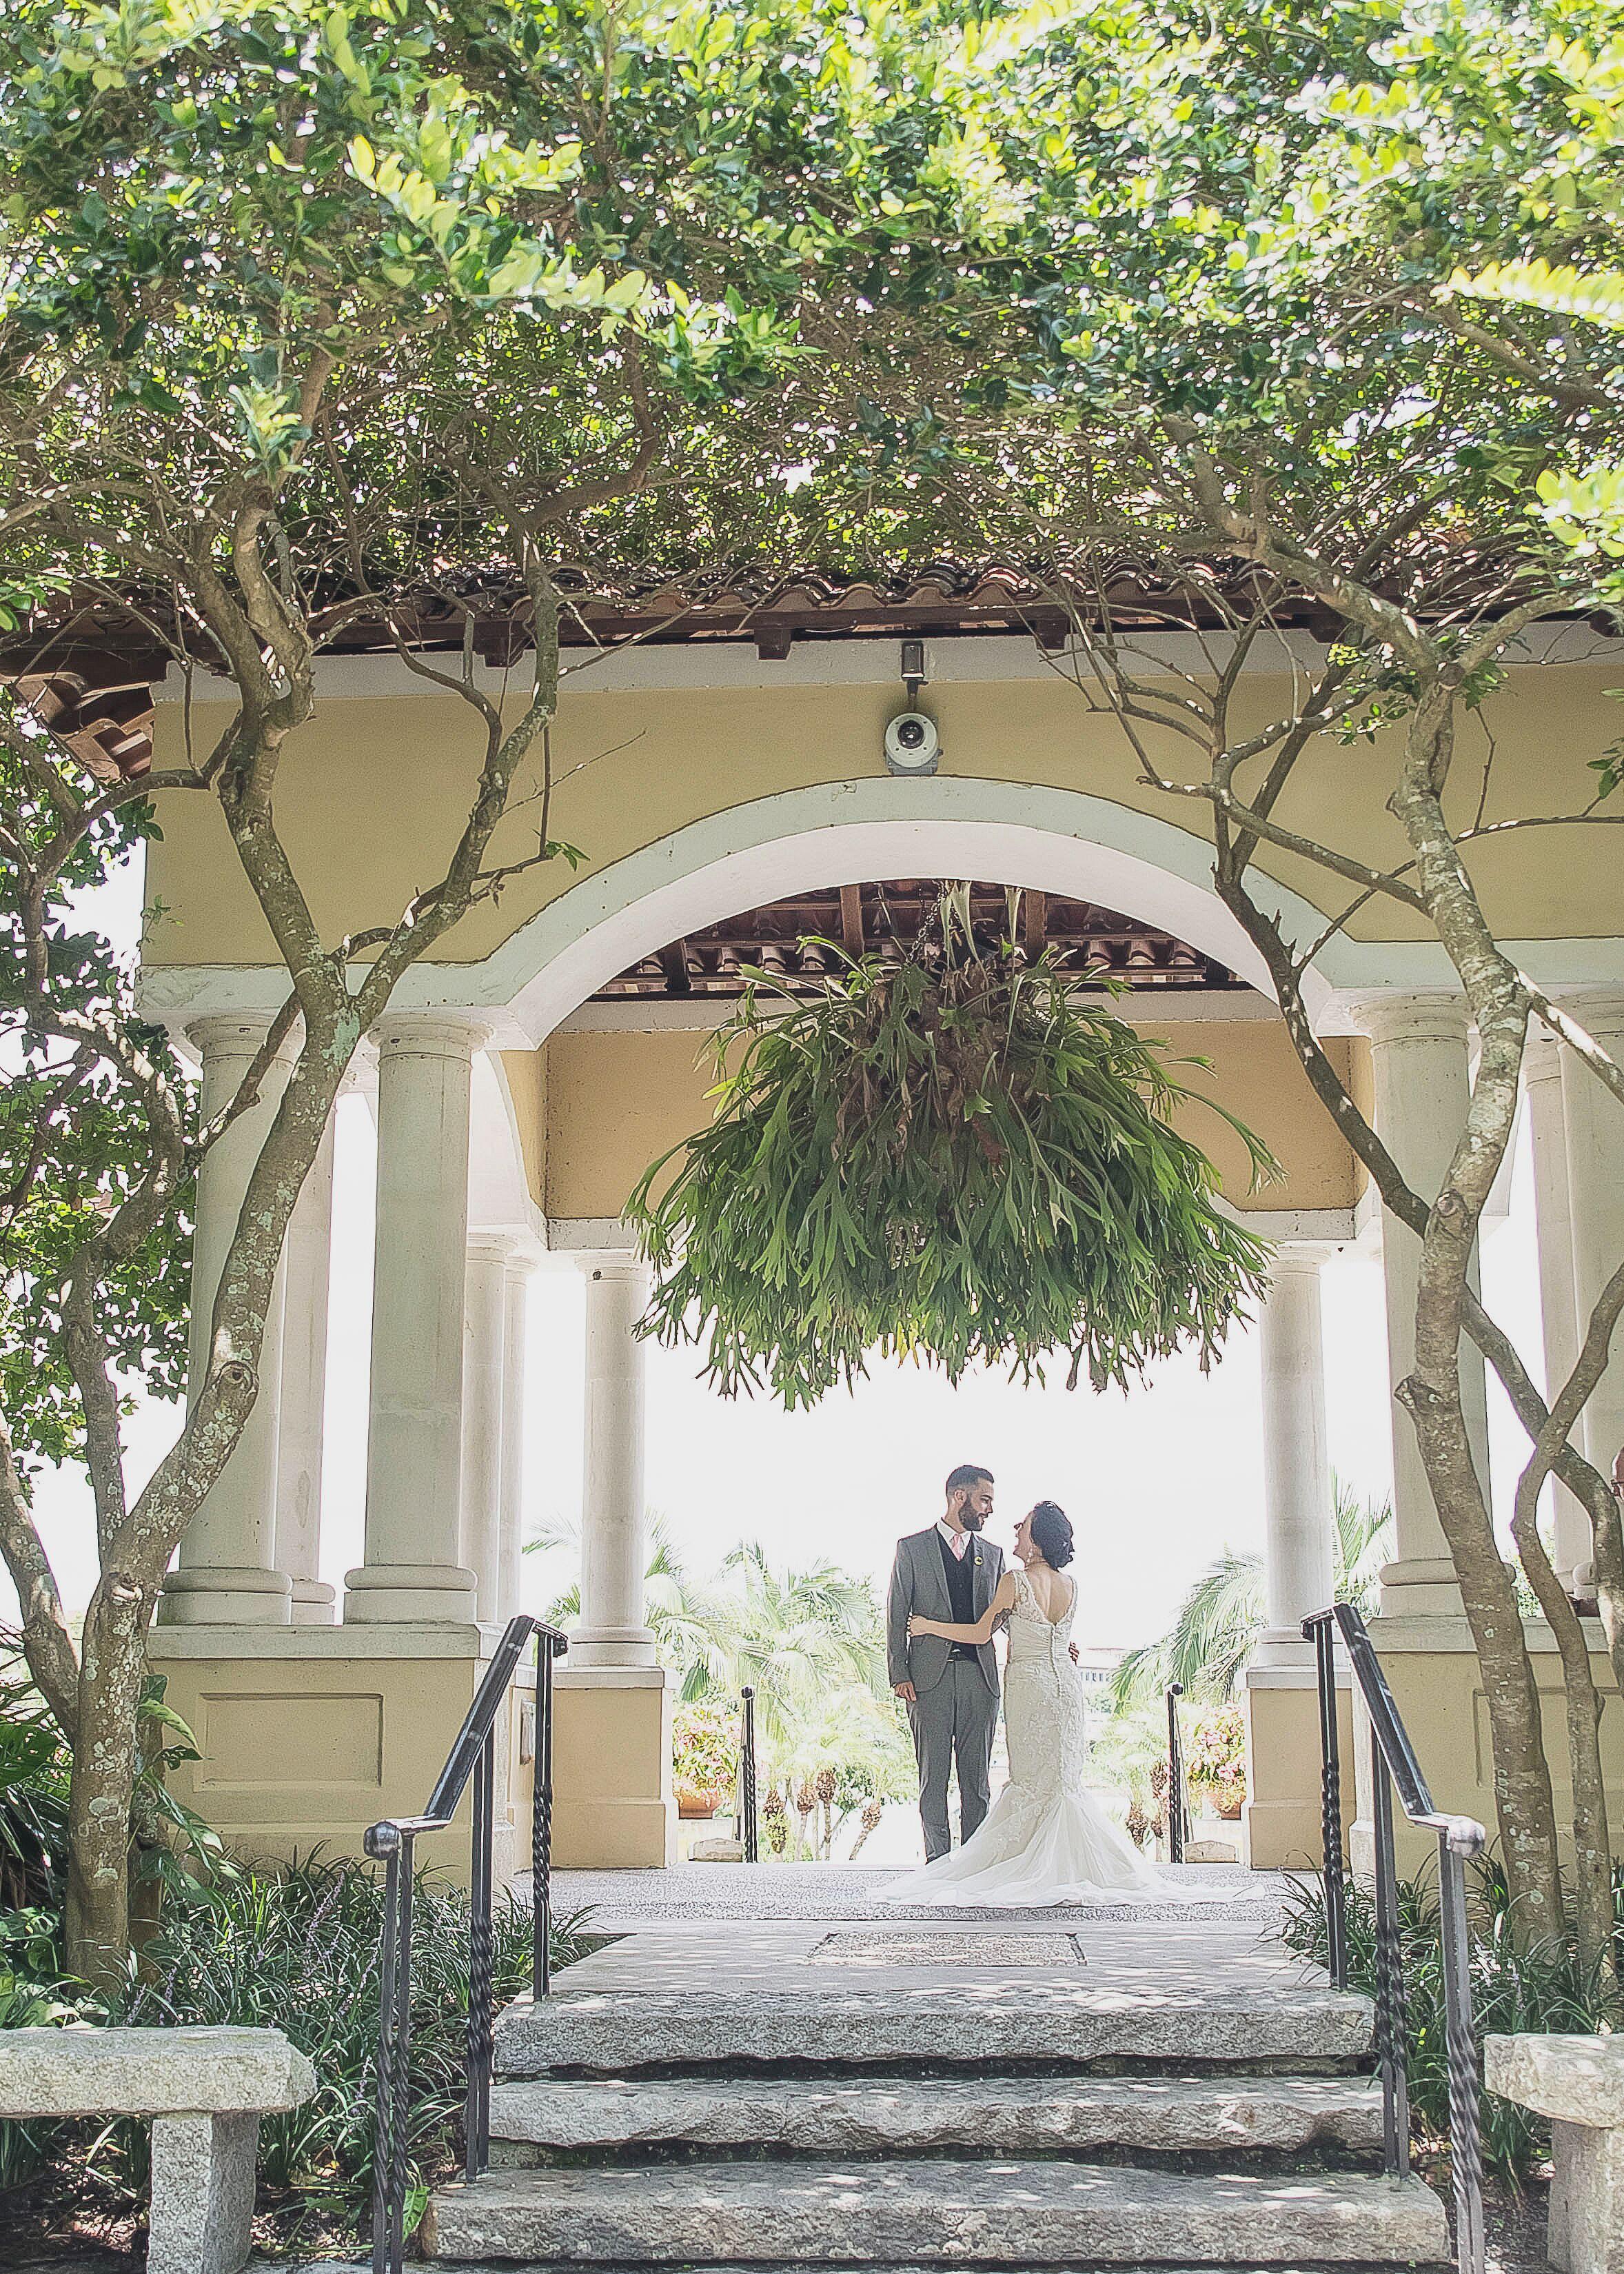 hollis garden lush wedding venue